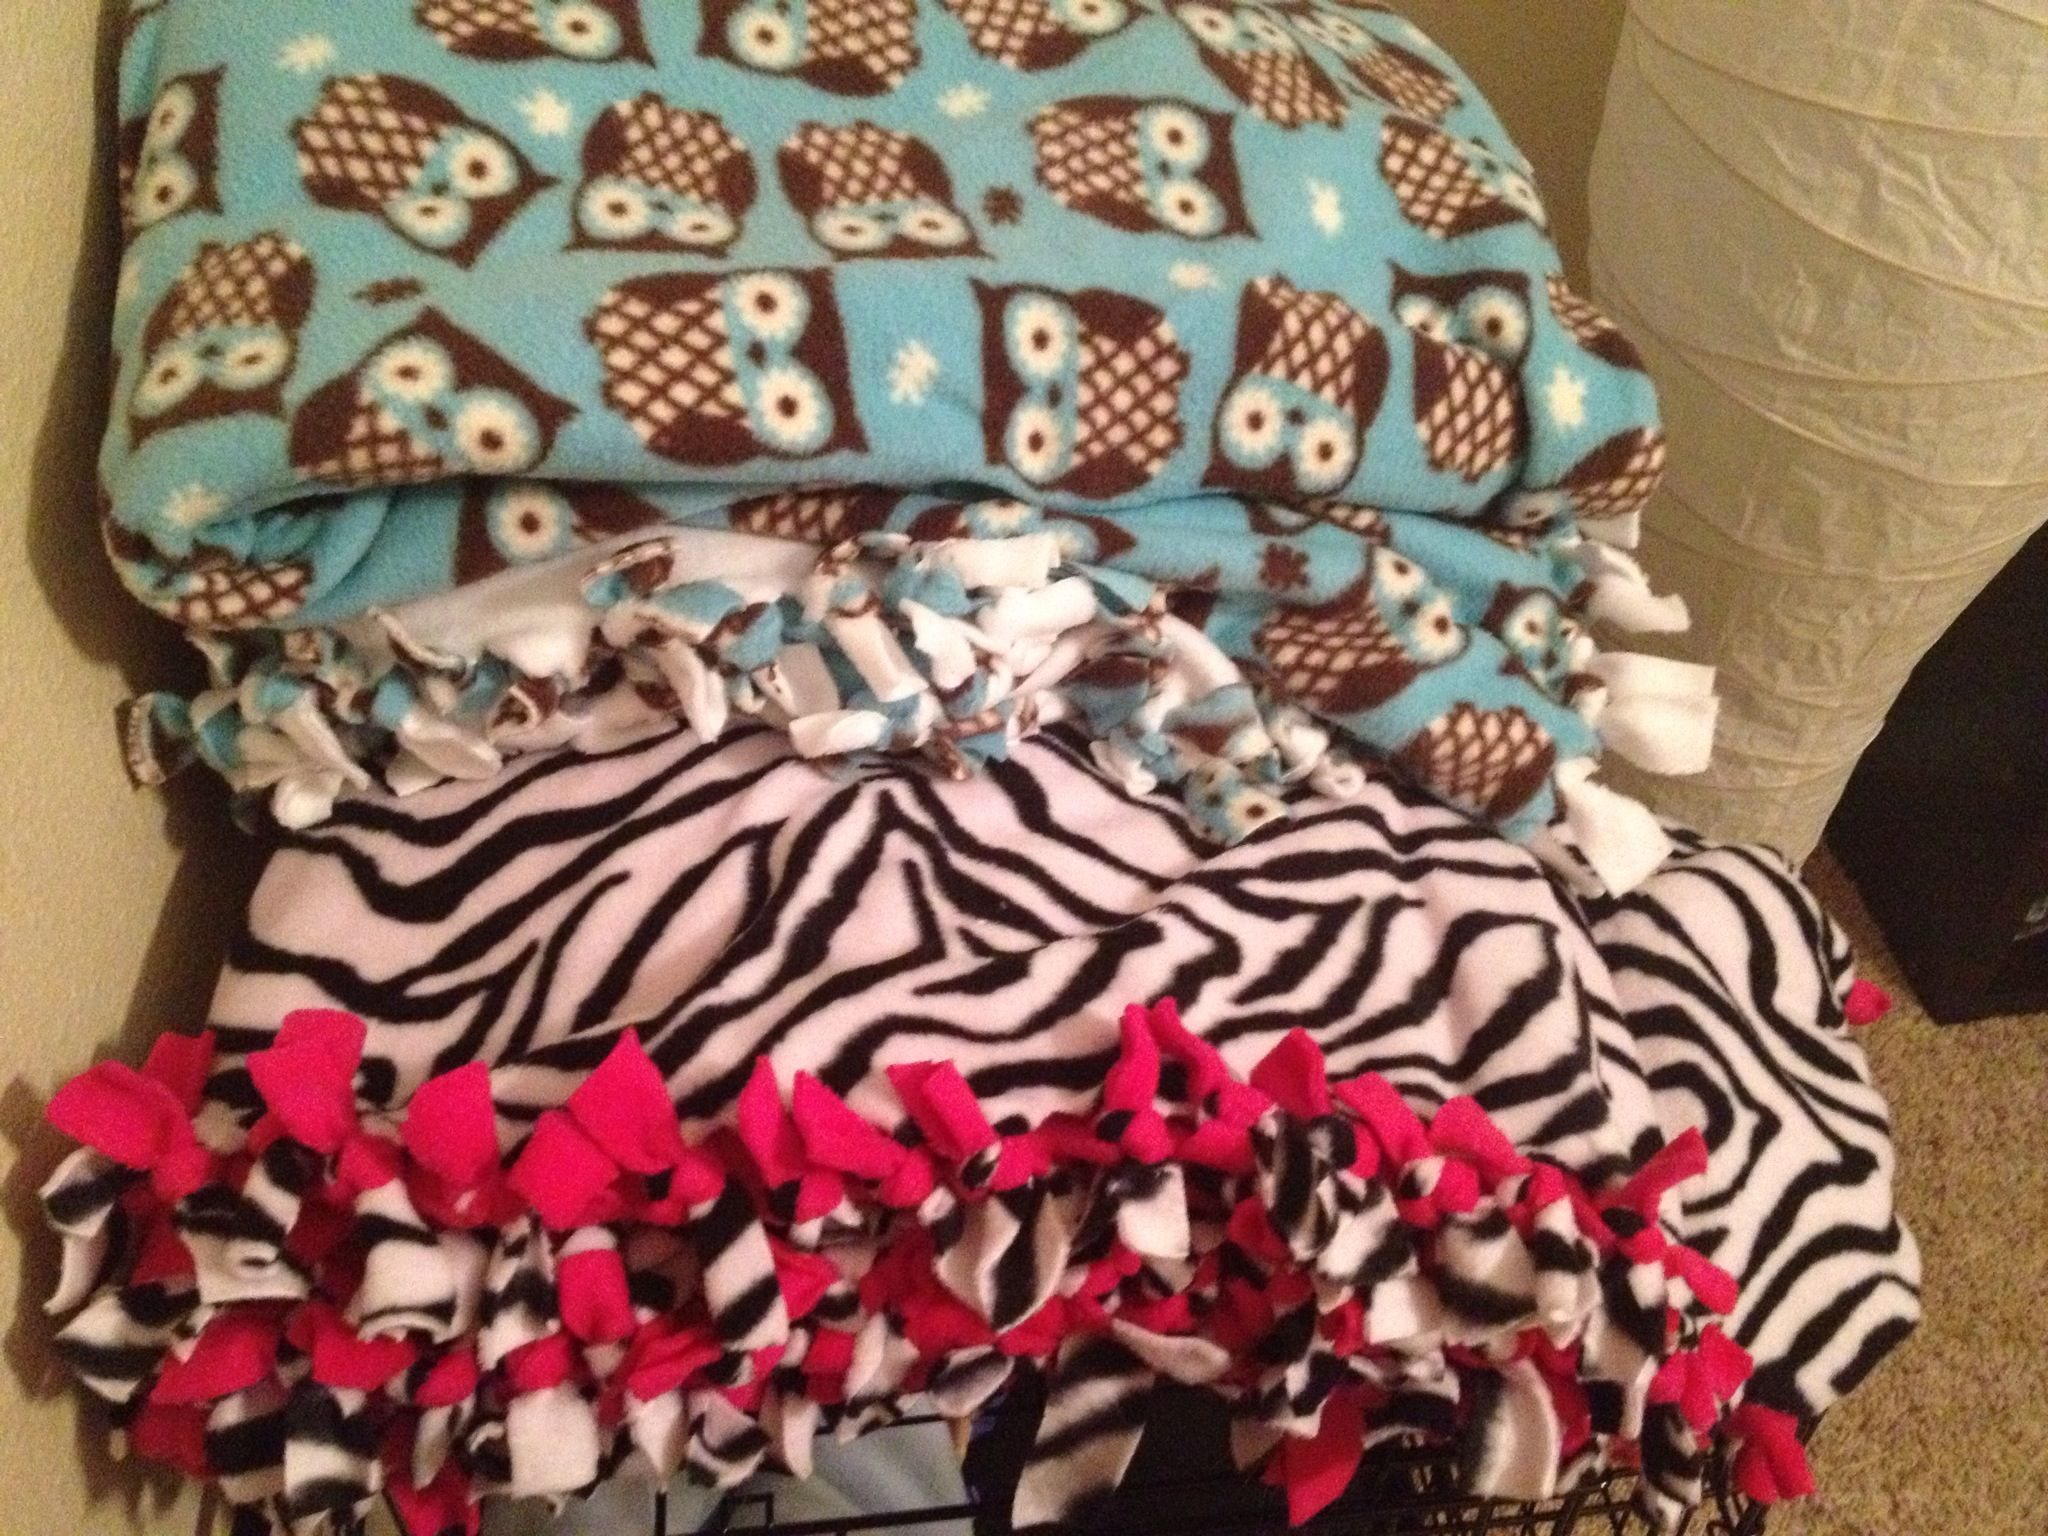 4be73e3631 Fleece tie blankets How To Sew Baby Blanket